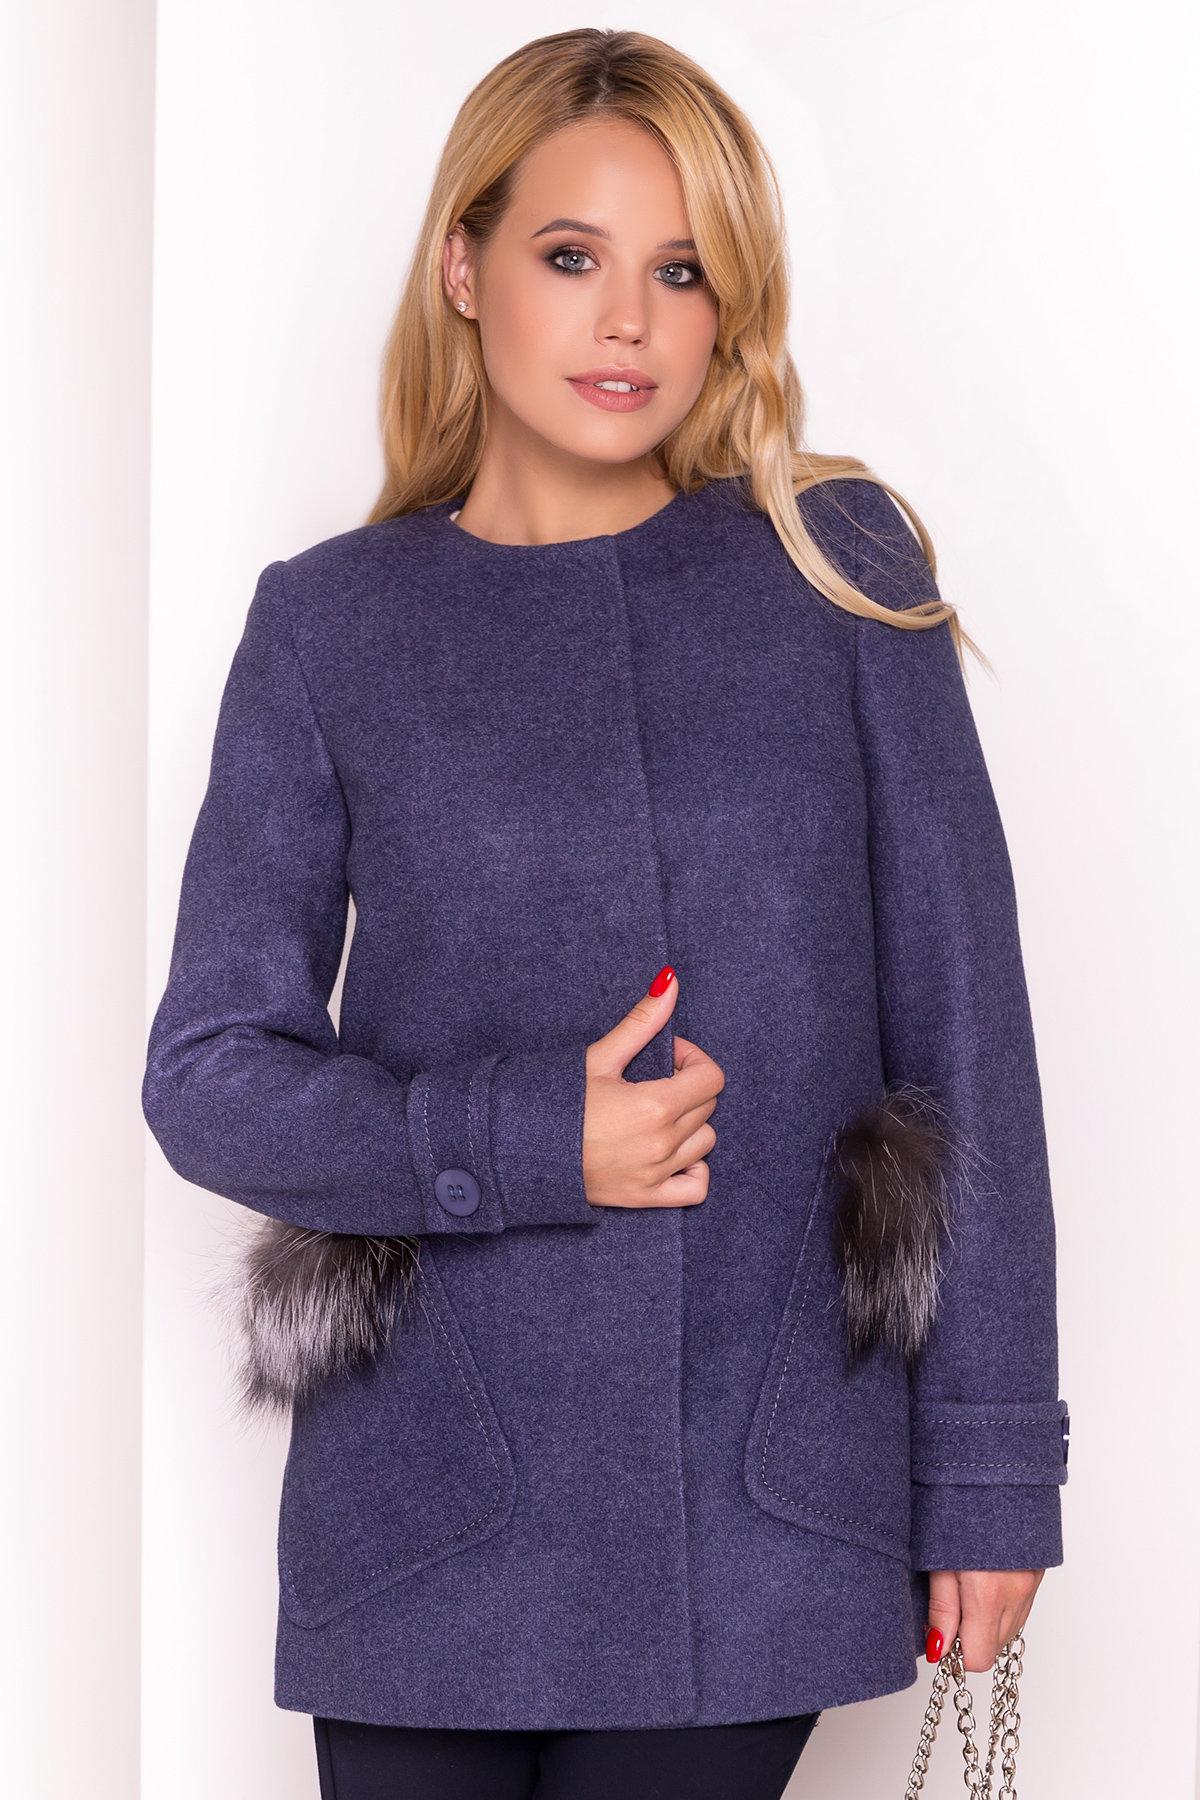 Демисезонное пальто трапеция в расцветках Латте 5429 АРТ. 36667 Цвет: Джинс - фото 3, интернет магазин tm-modus.ru